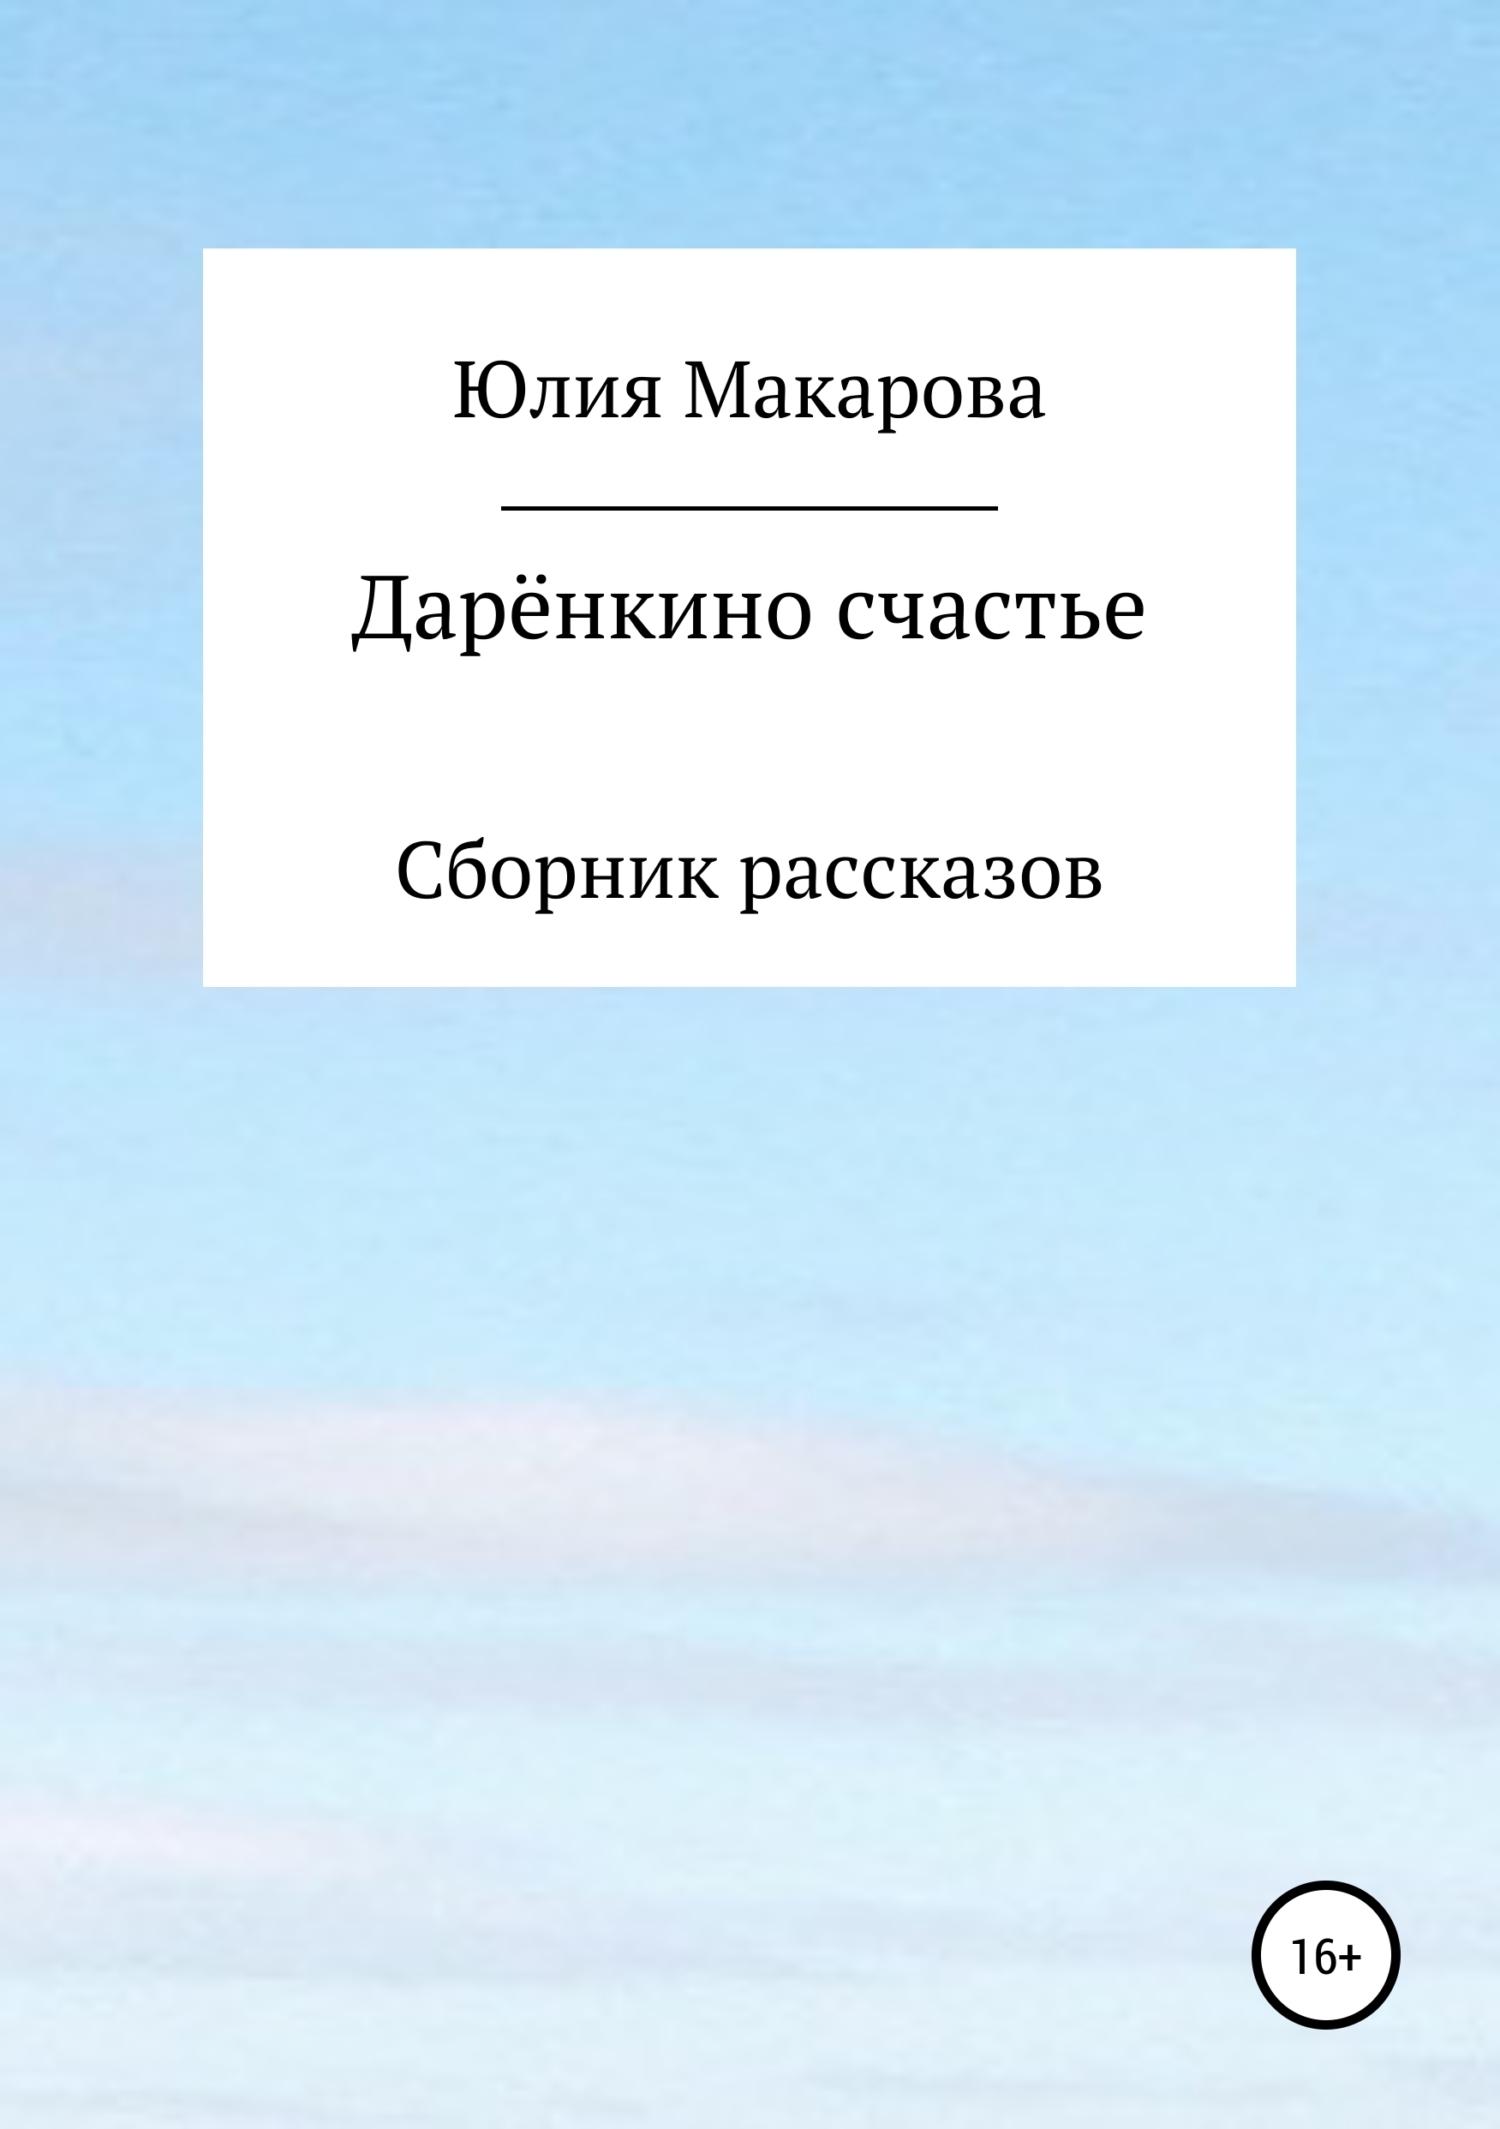 Юлия Макарова Дарёнкино счастье. Сборник рассказов юлия дмитриевна макарова жирафик ромка